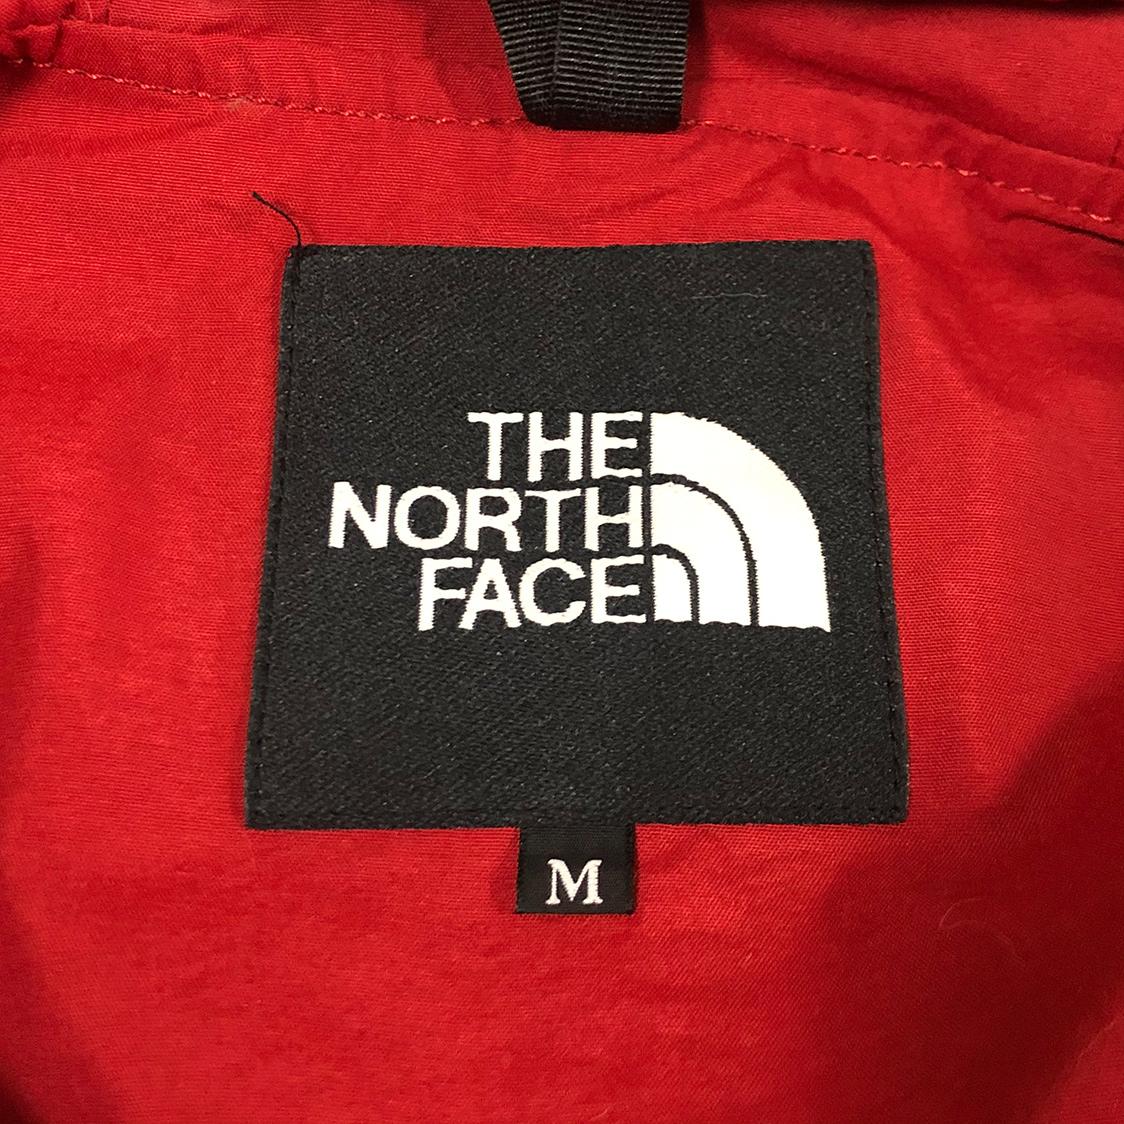 THE NORTH FACE ザ ノースフェイス【Mサイズ】プルオーバー ジップ ナイロン パーカー フーディ レッド